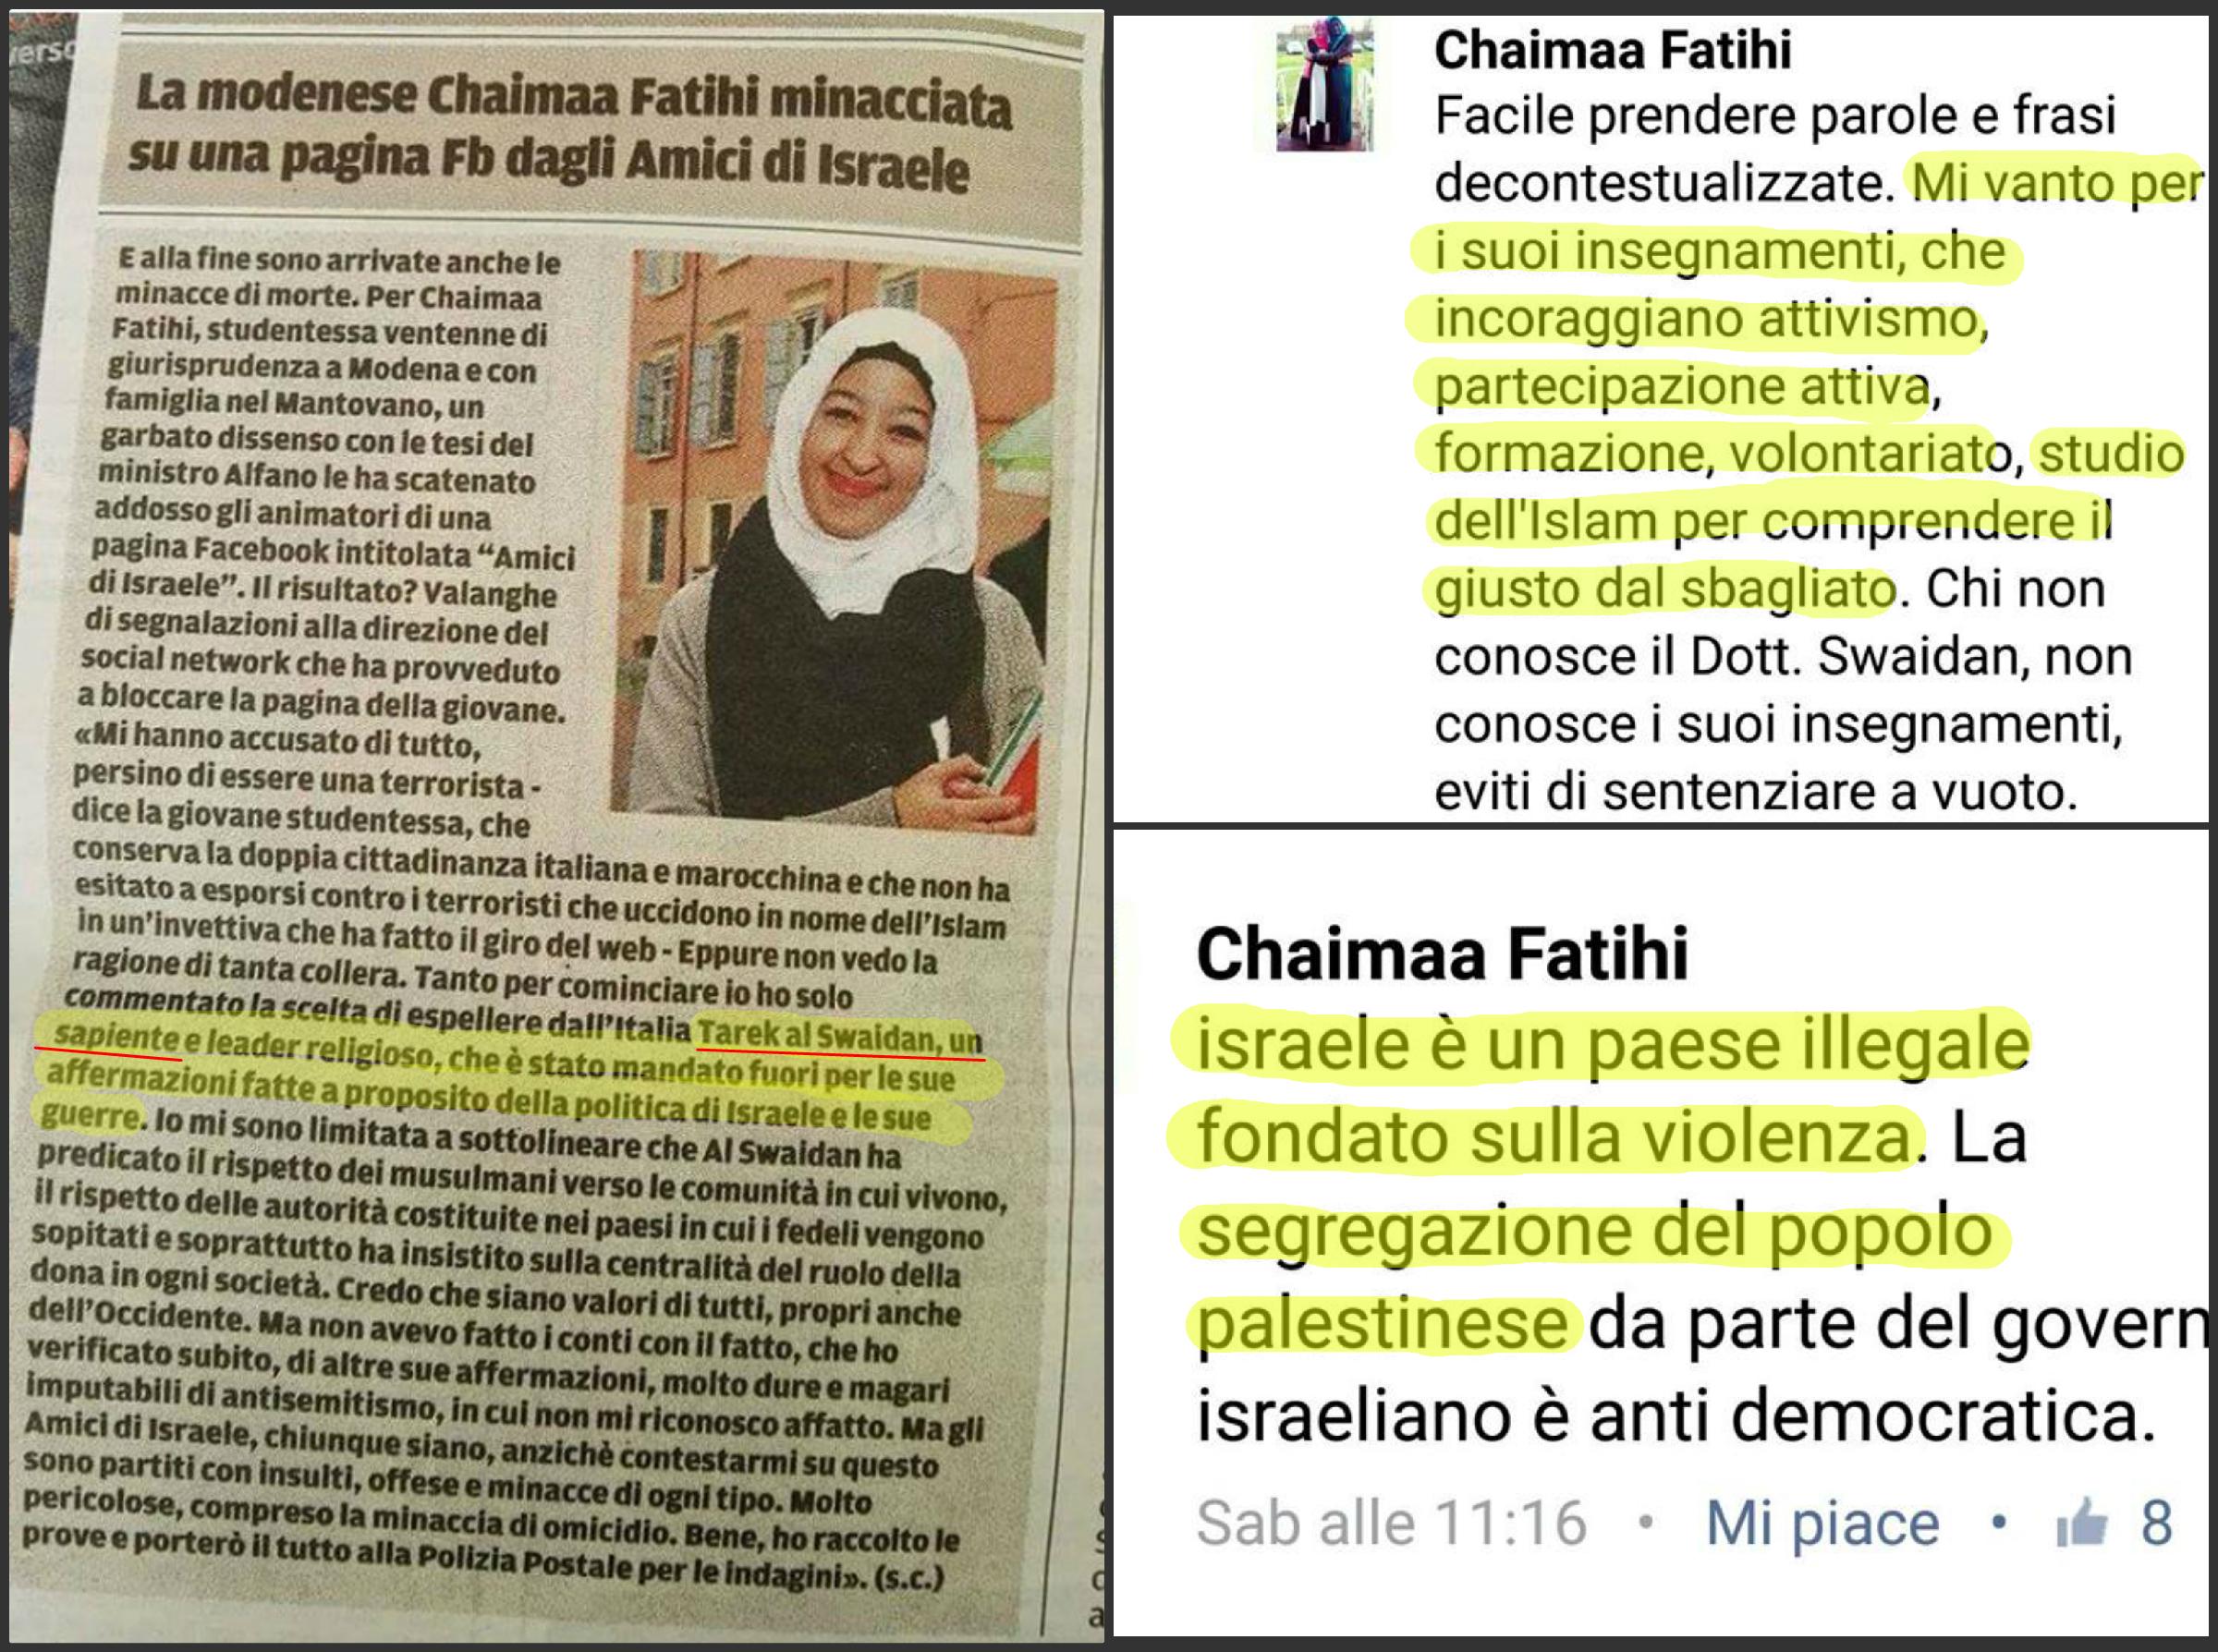 chaimaa fatihi dichiarazioni